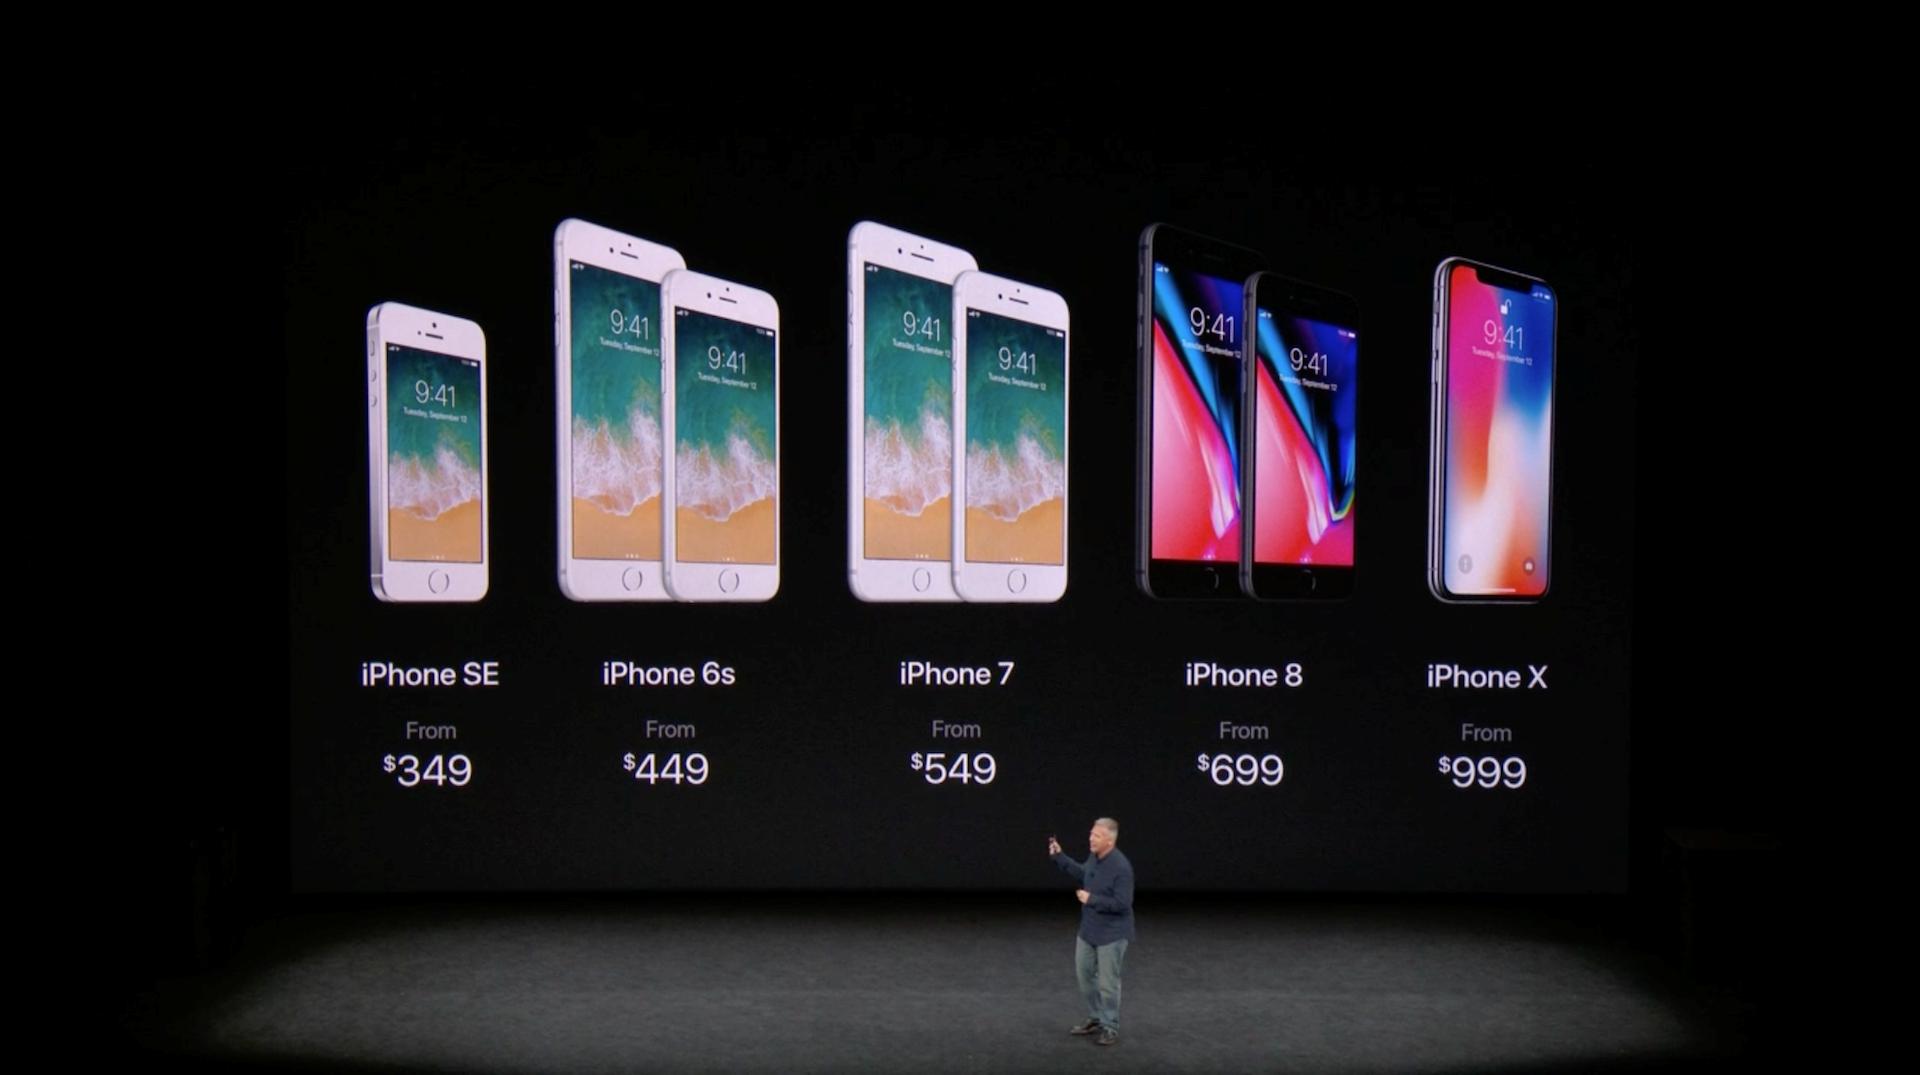 Hình ảnh iPhone X chính thức ra mắt: viền siêu mỏng, nhận diện mặt 3D số 9